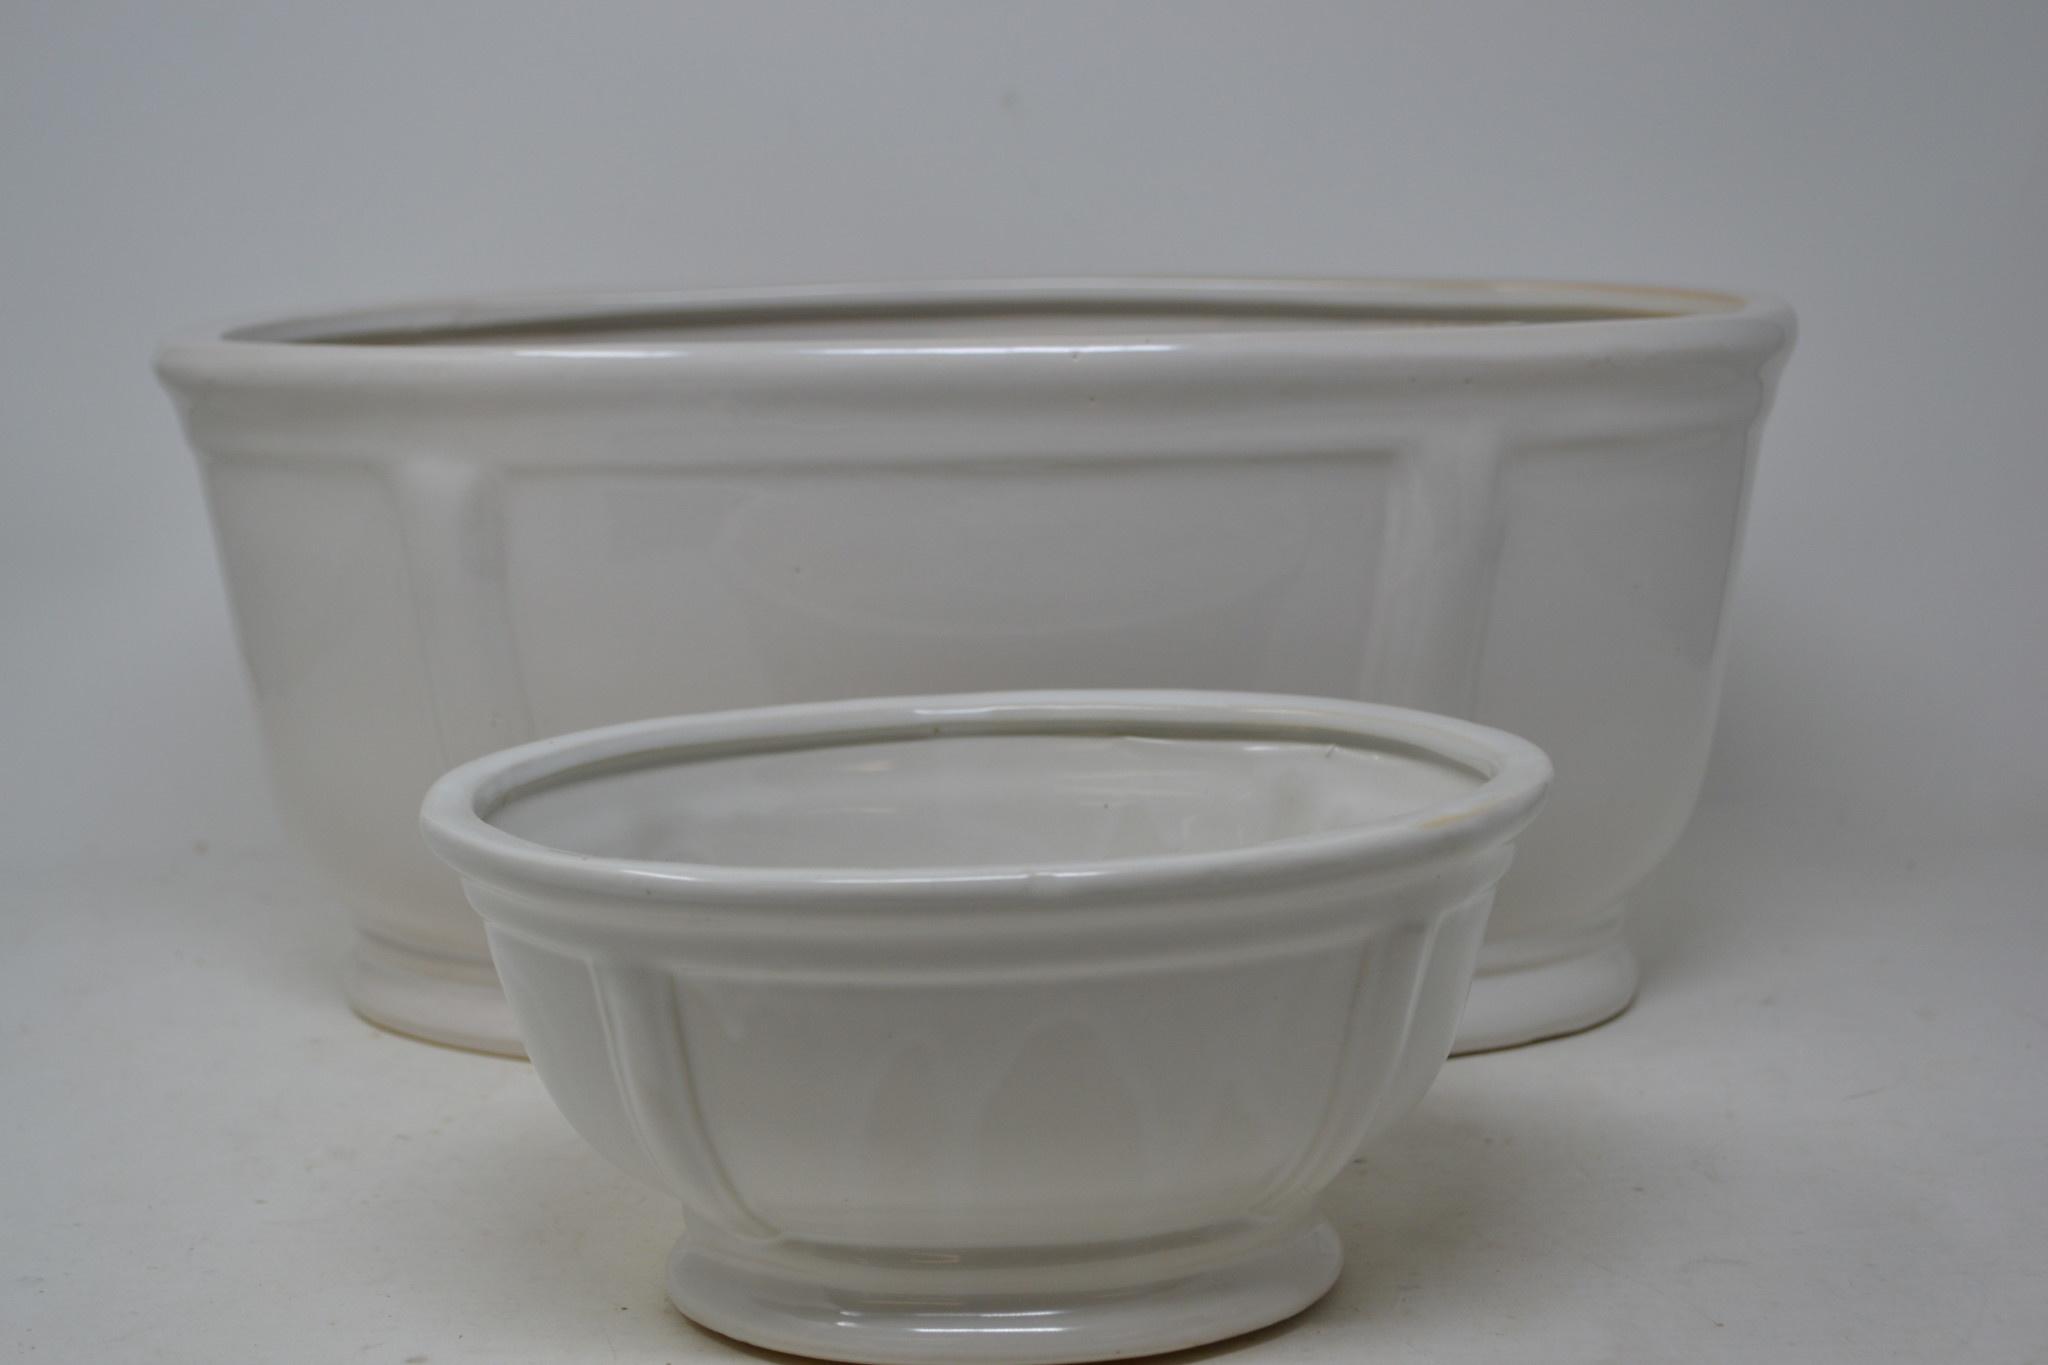 Cream Ceramic Oval Container (2-Sizes)